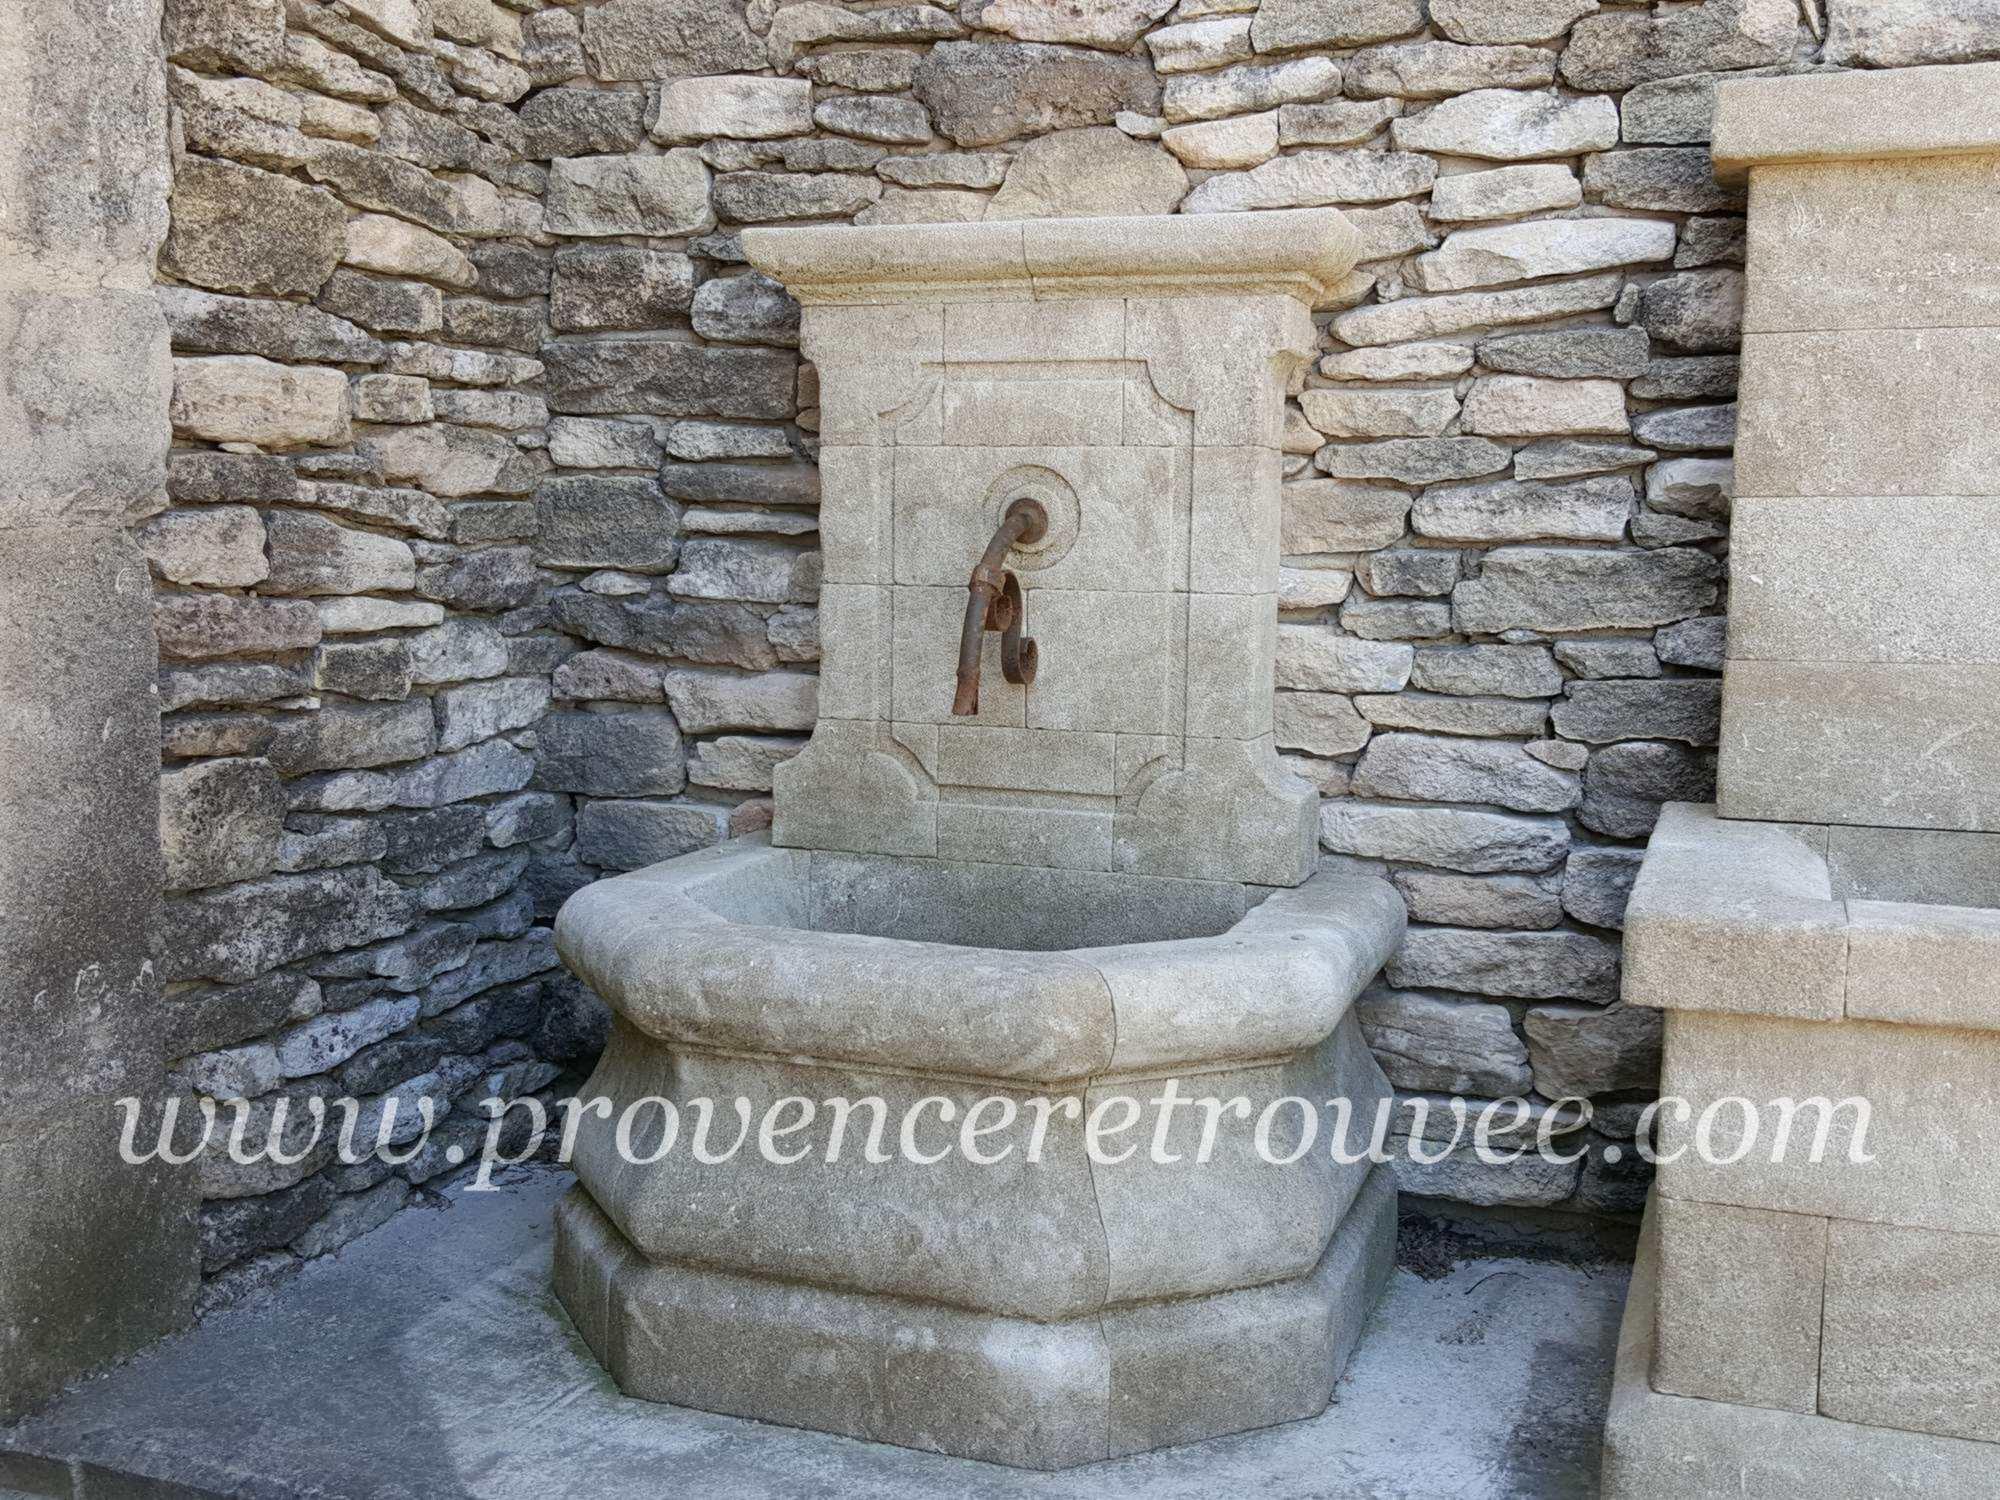 Petite fontaine murale en pierre de taille fon12-080